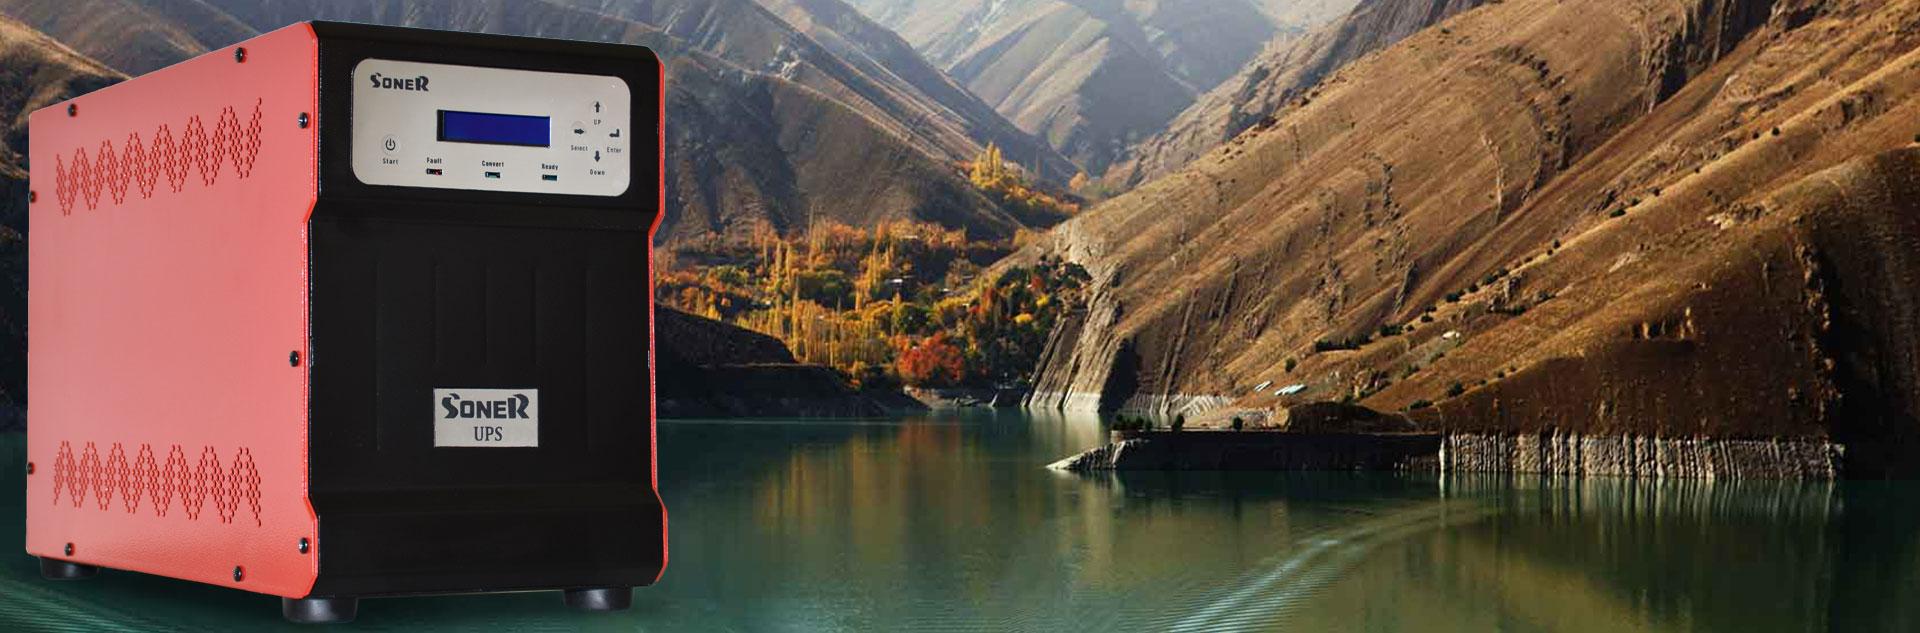 فروش دستگاه یو پی اس ایرانی سونر در کرج